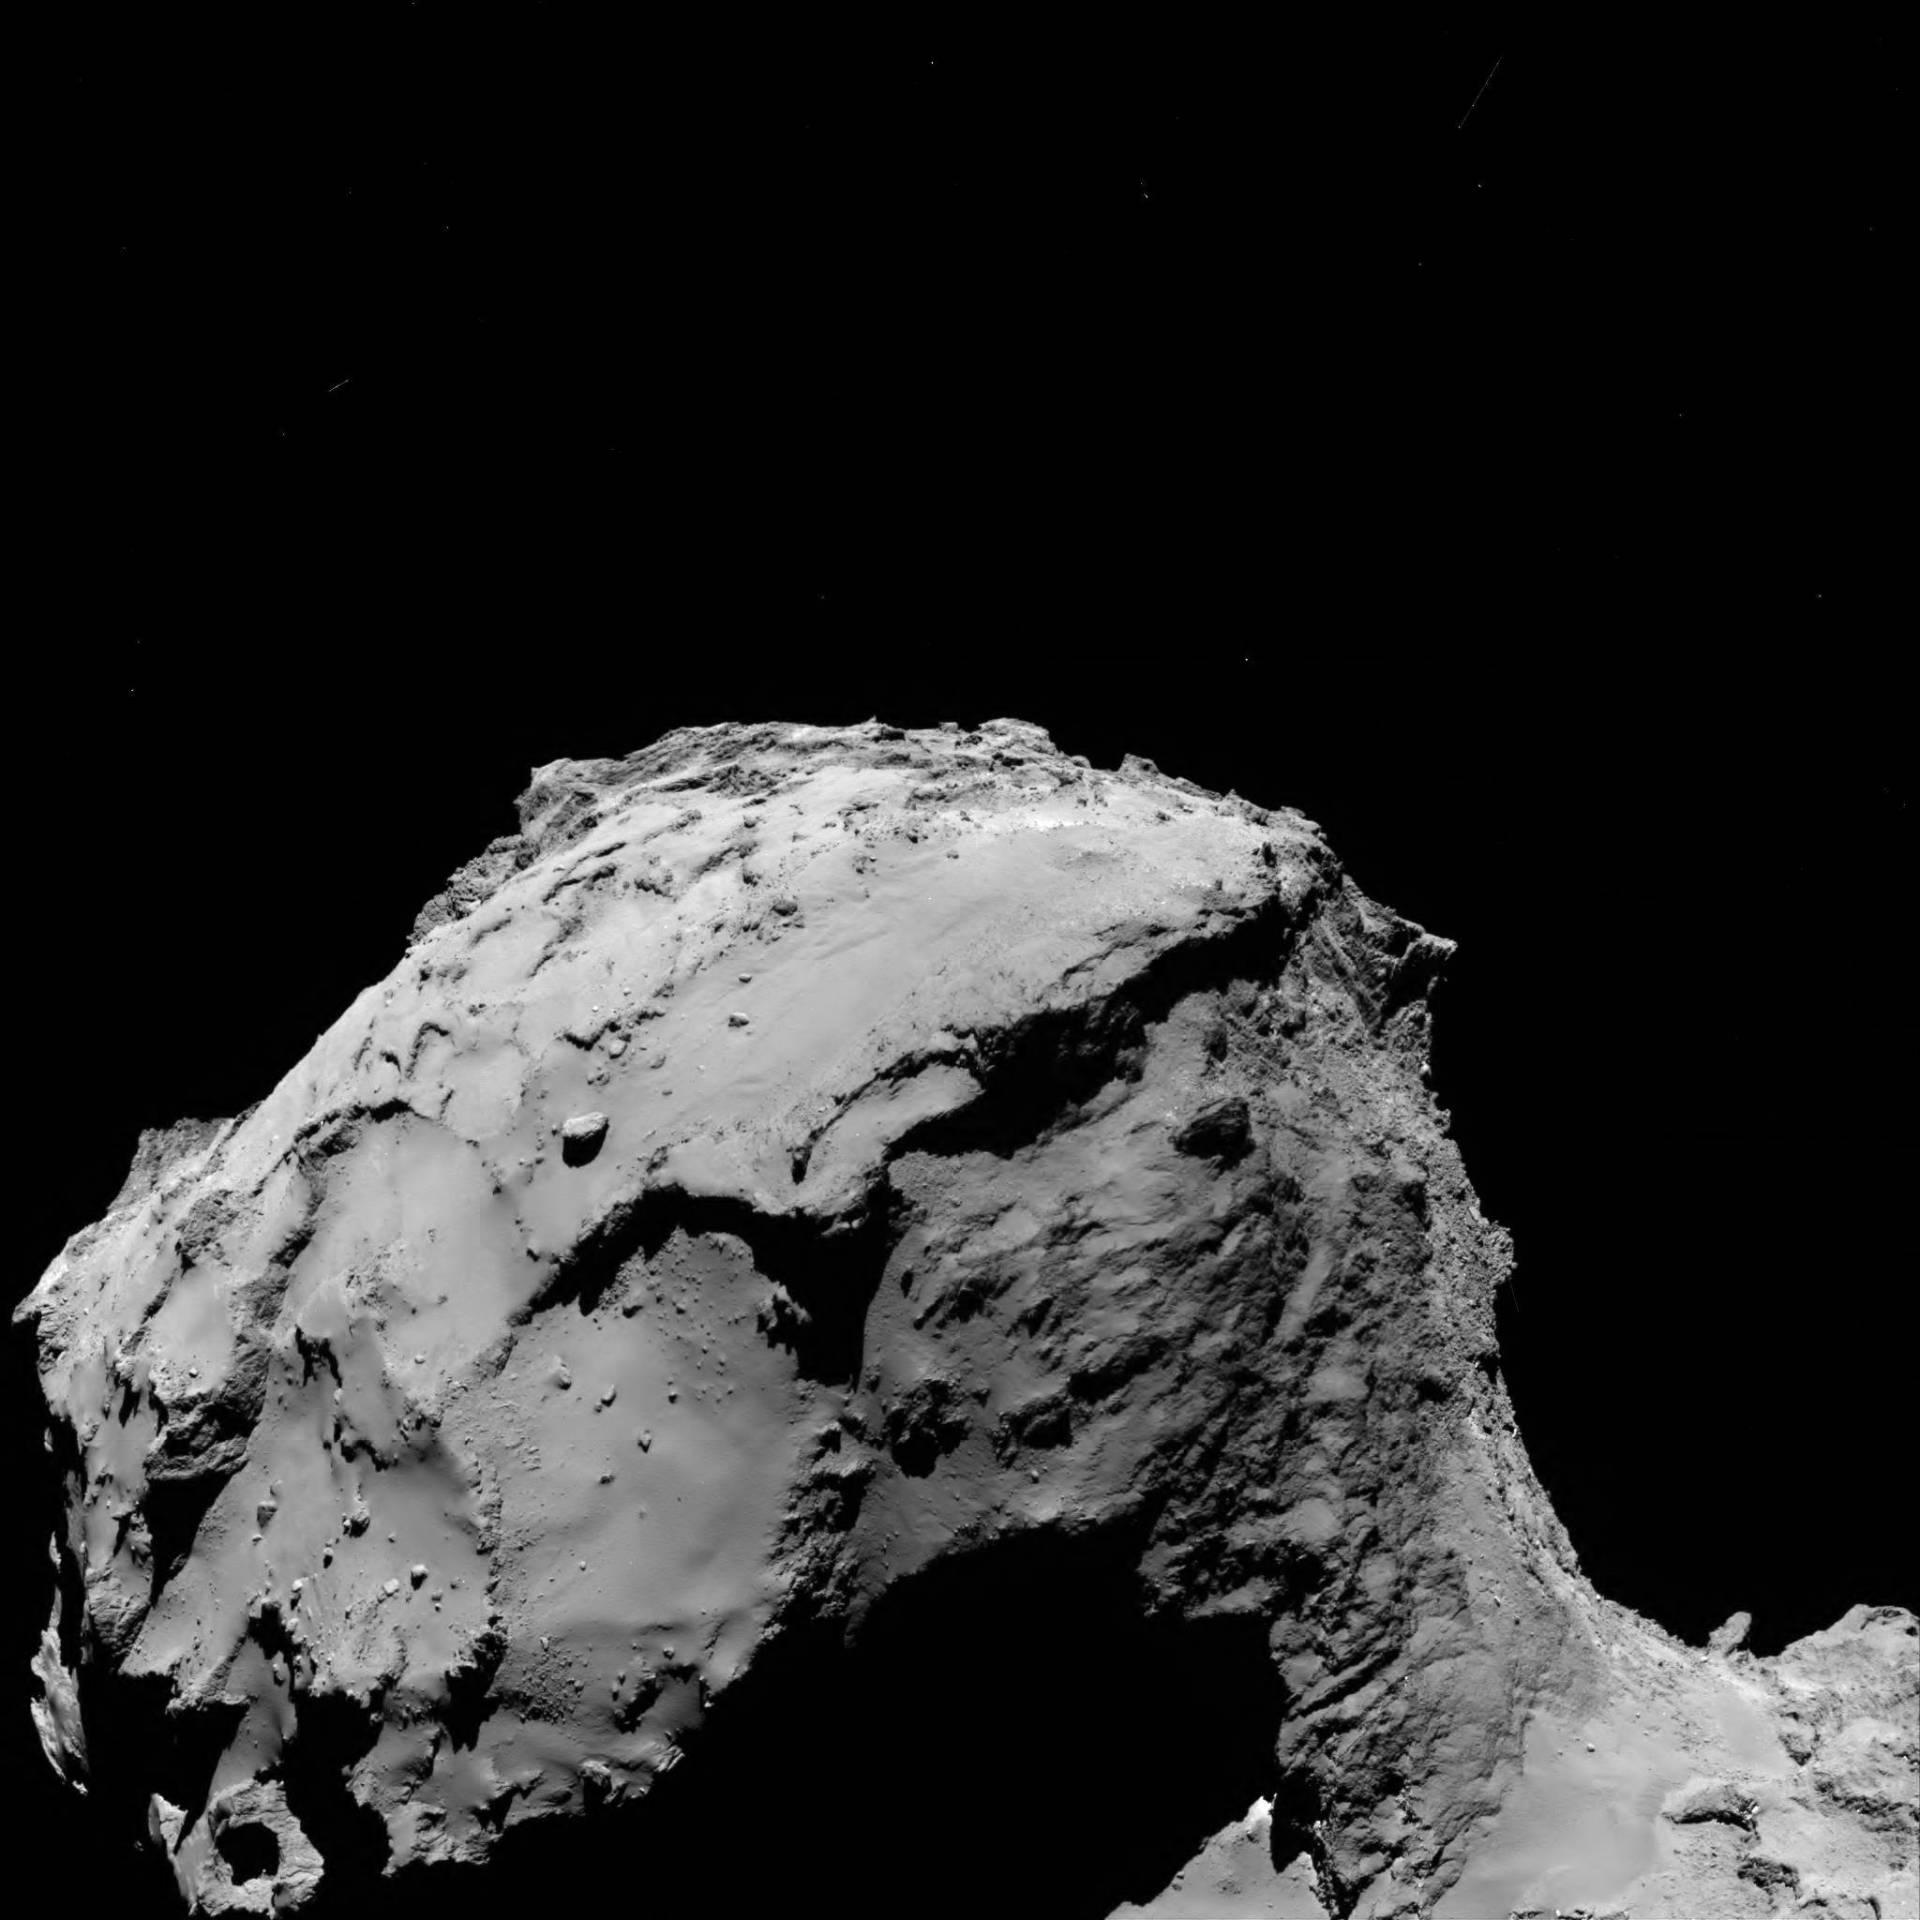 El cometa, a las 4:17 (CET)